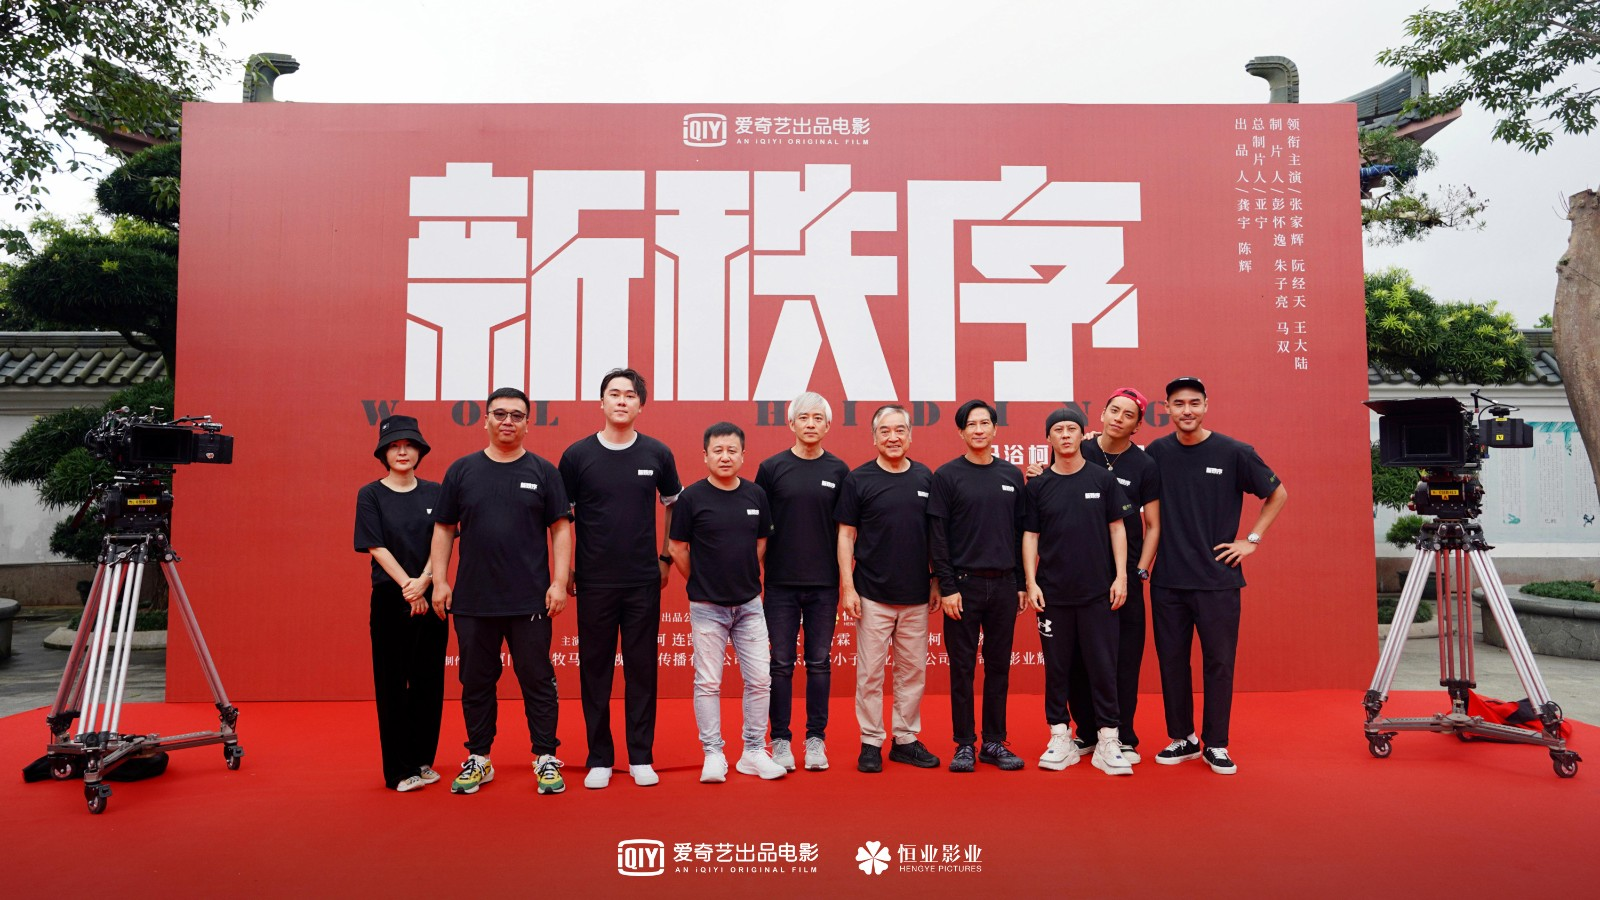 张优盈平台辉新片《新次序》正式开拍 同伴王大陆、阮经天